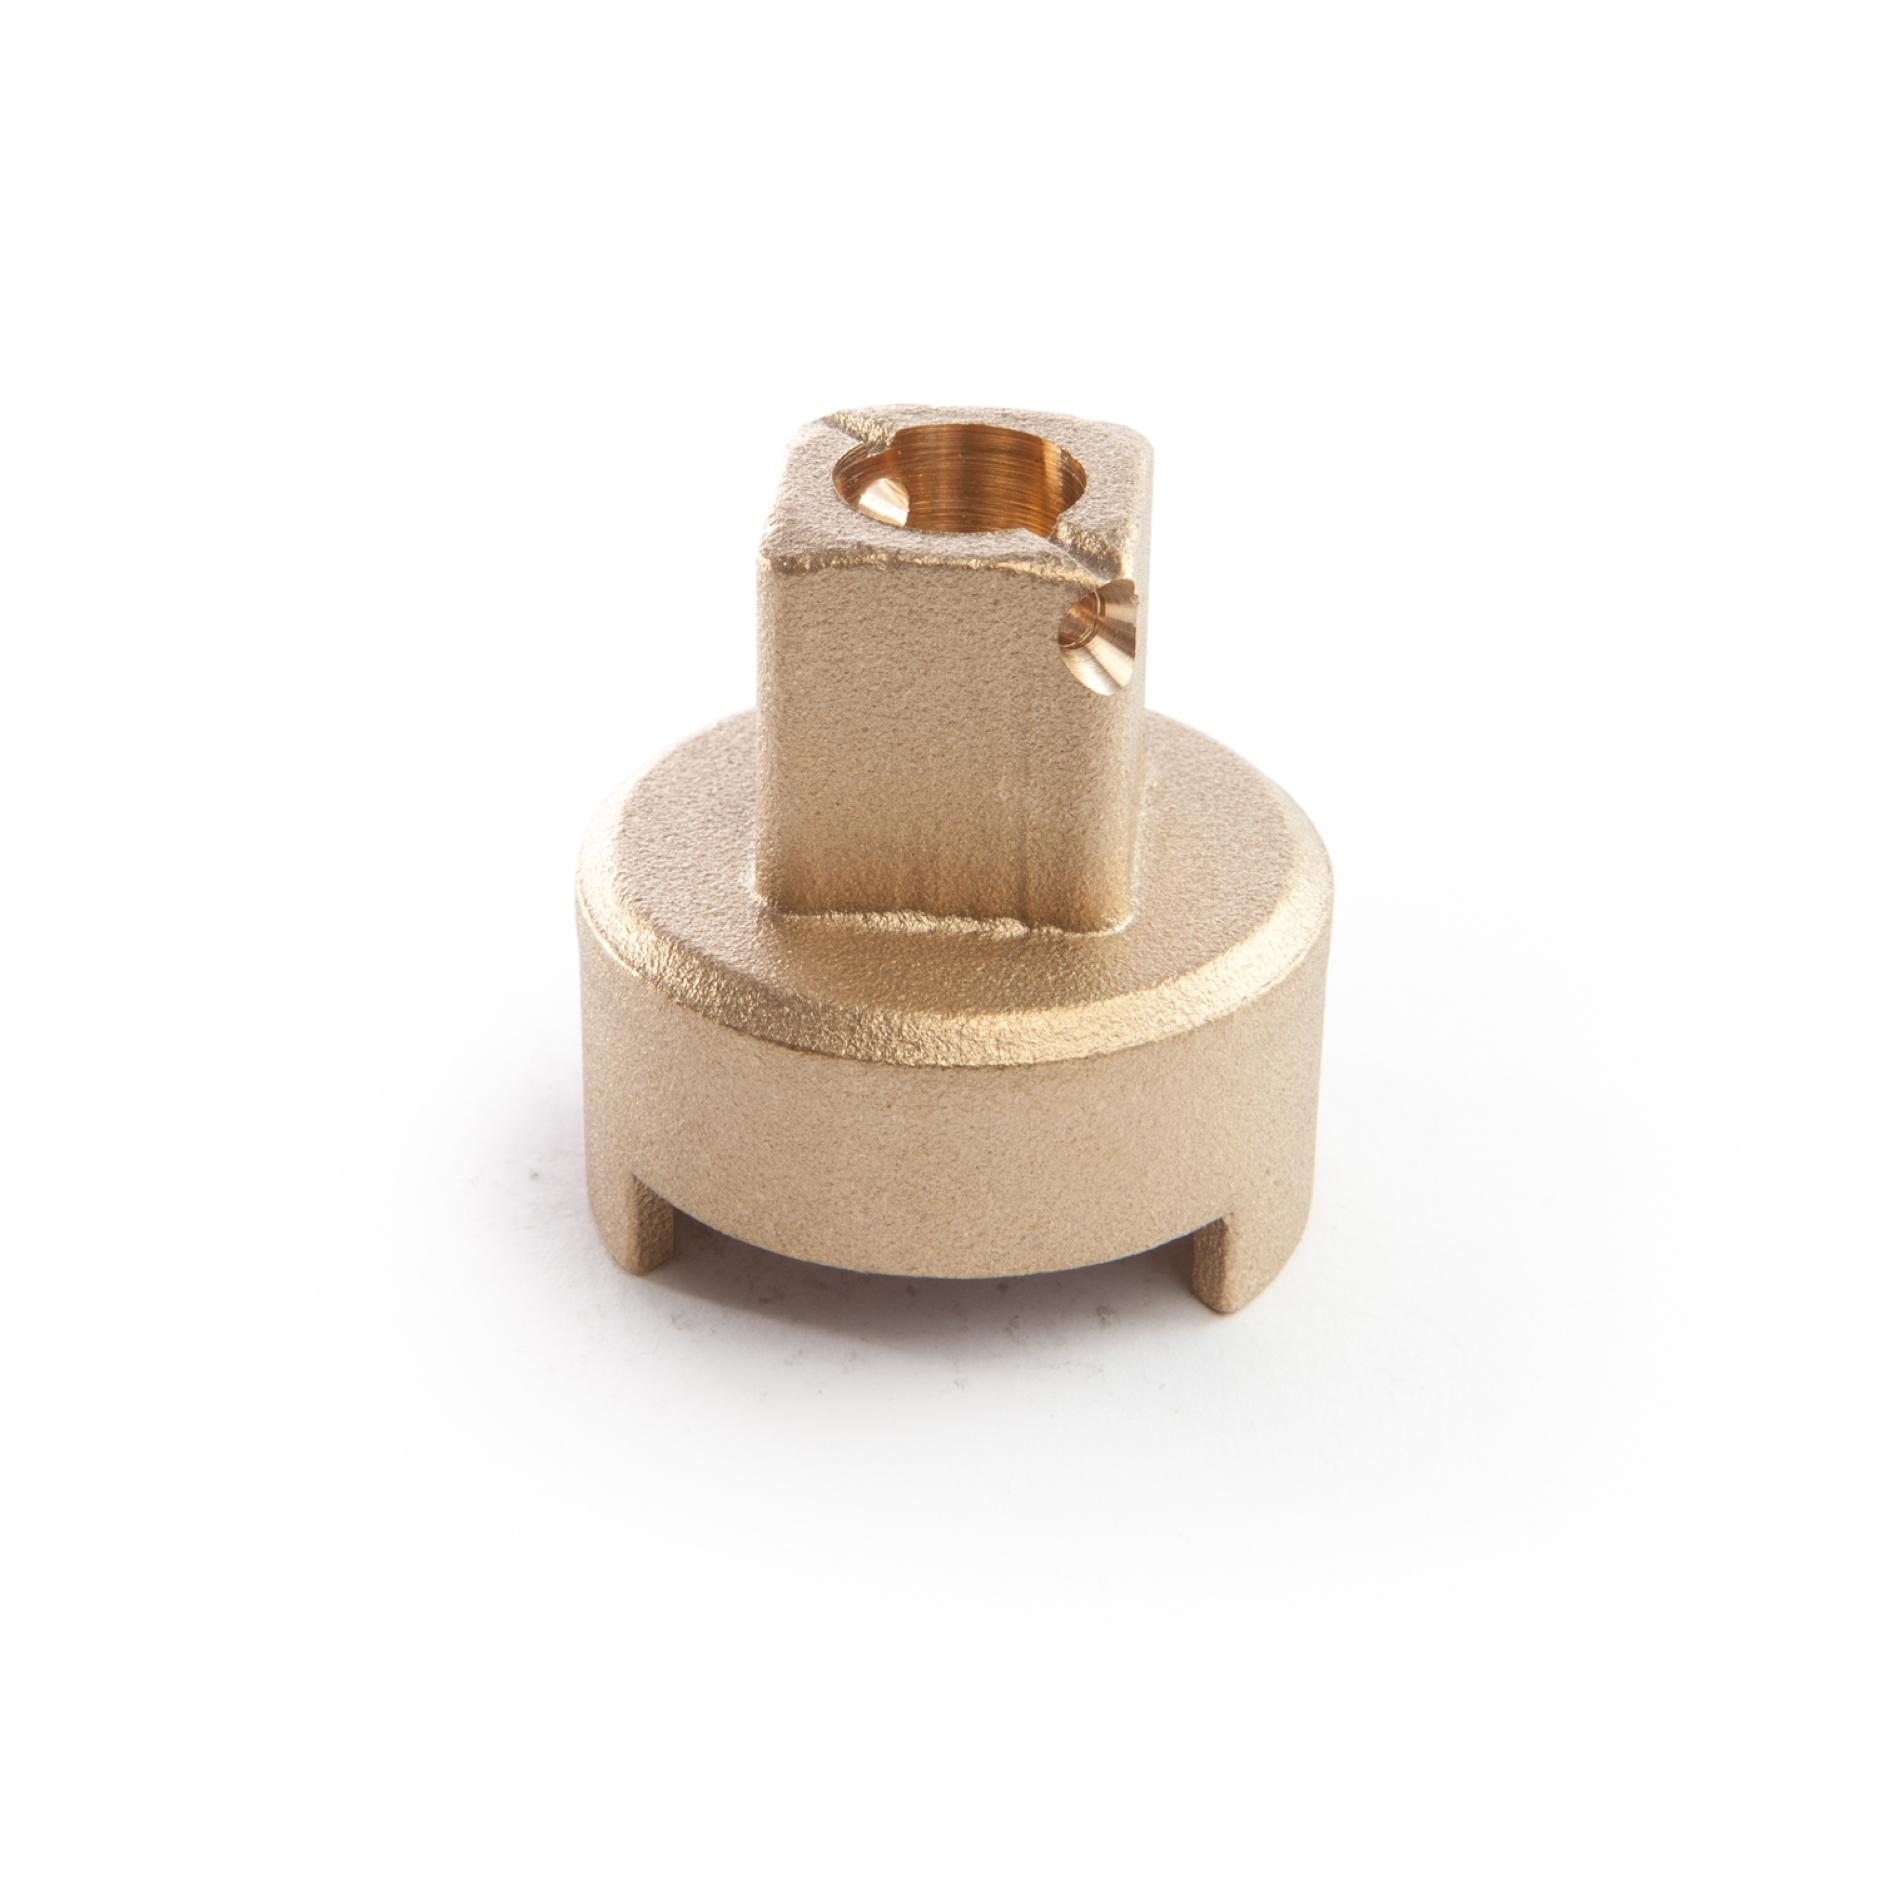 A07 Testa di comando per articoli Lockable square head for item 068-681 spare parts